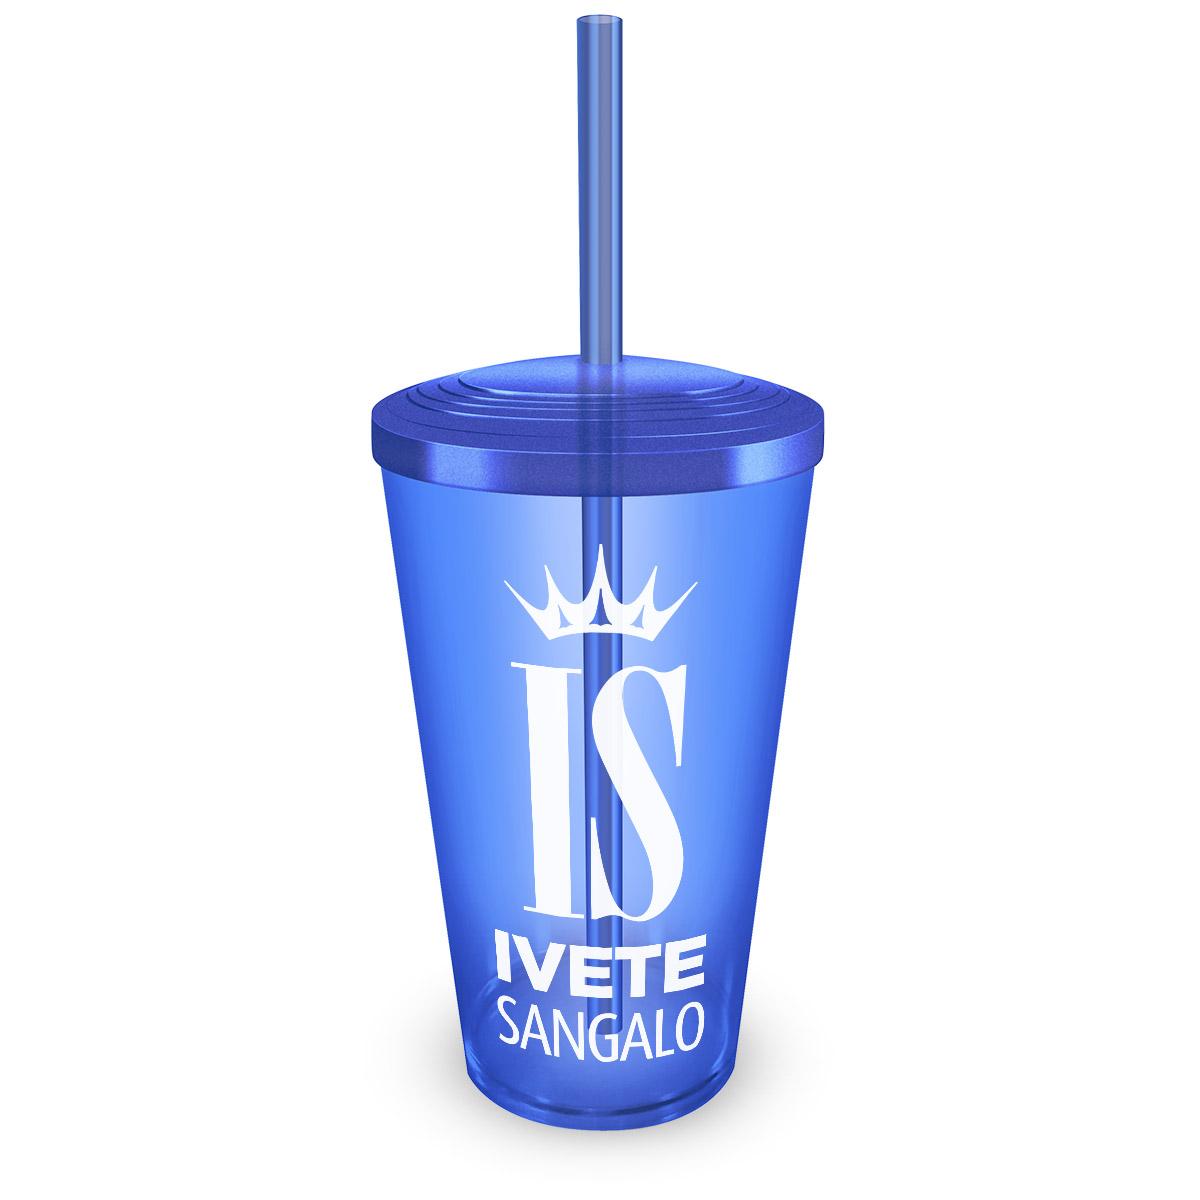 Copo Acrílico Azul com Canudo Ivete Sangalo Logo